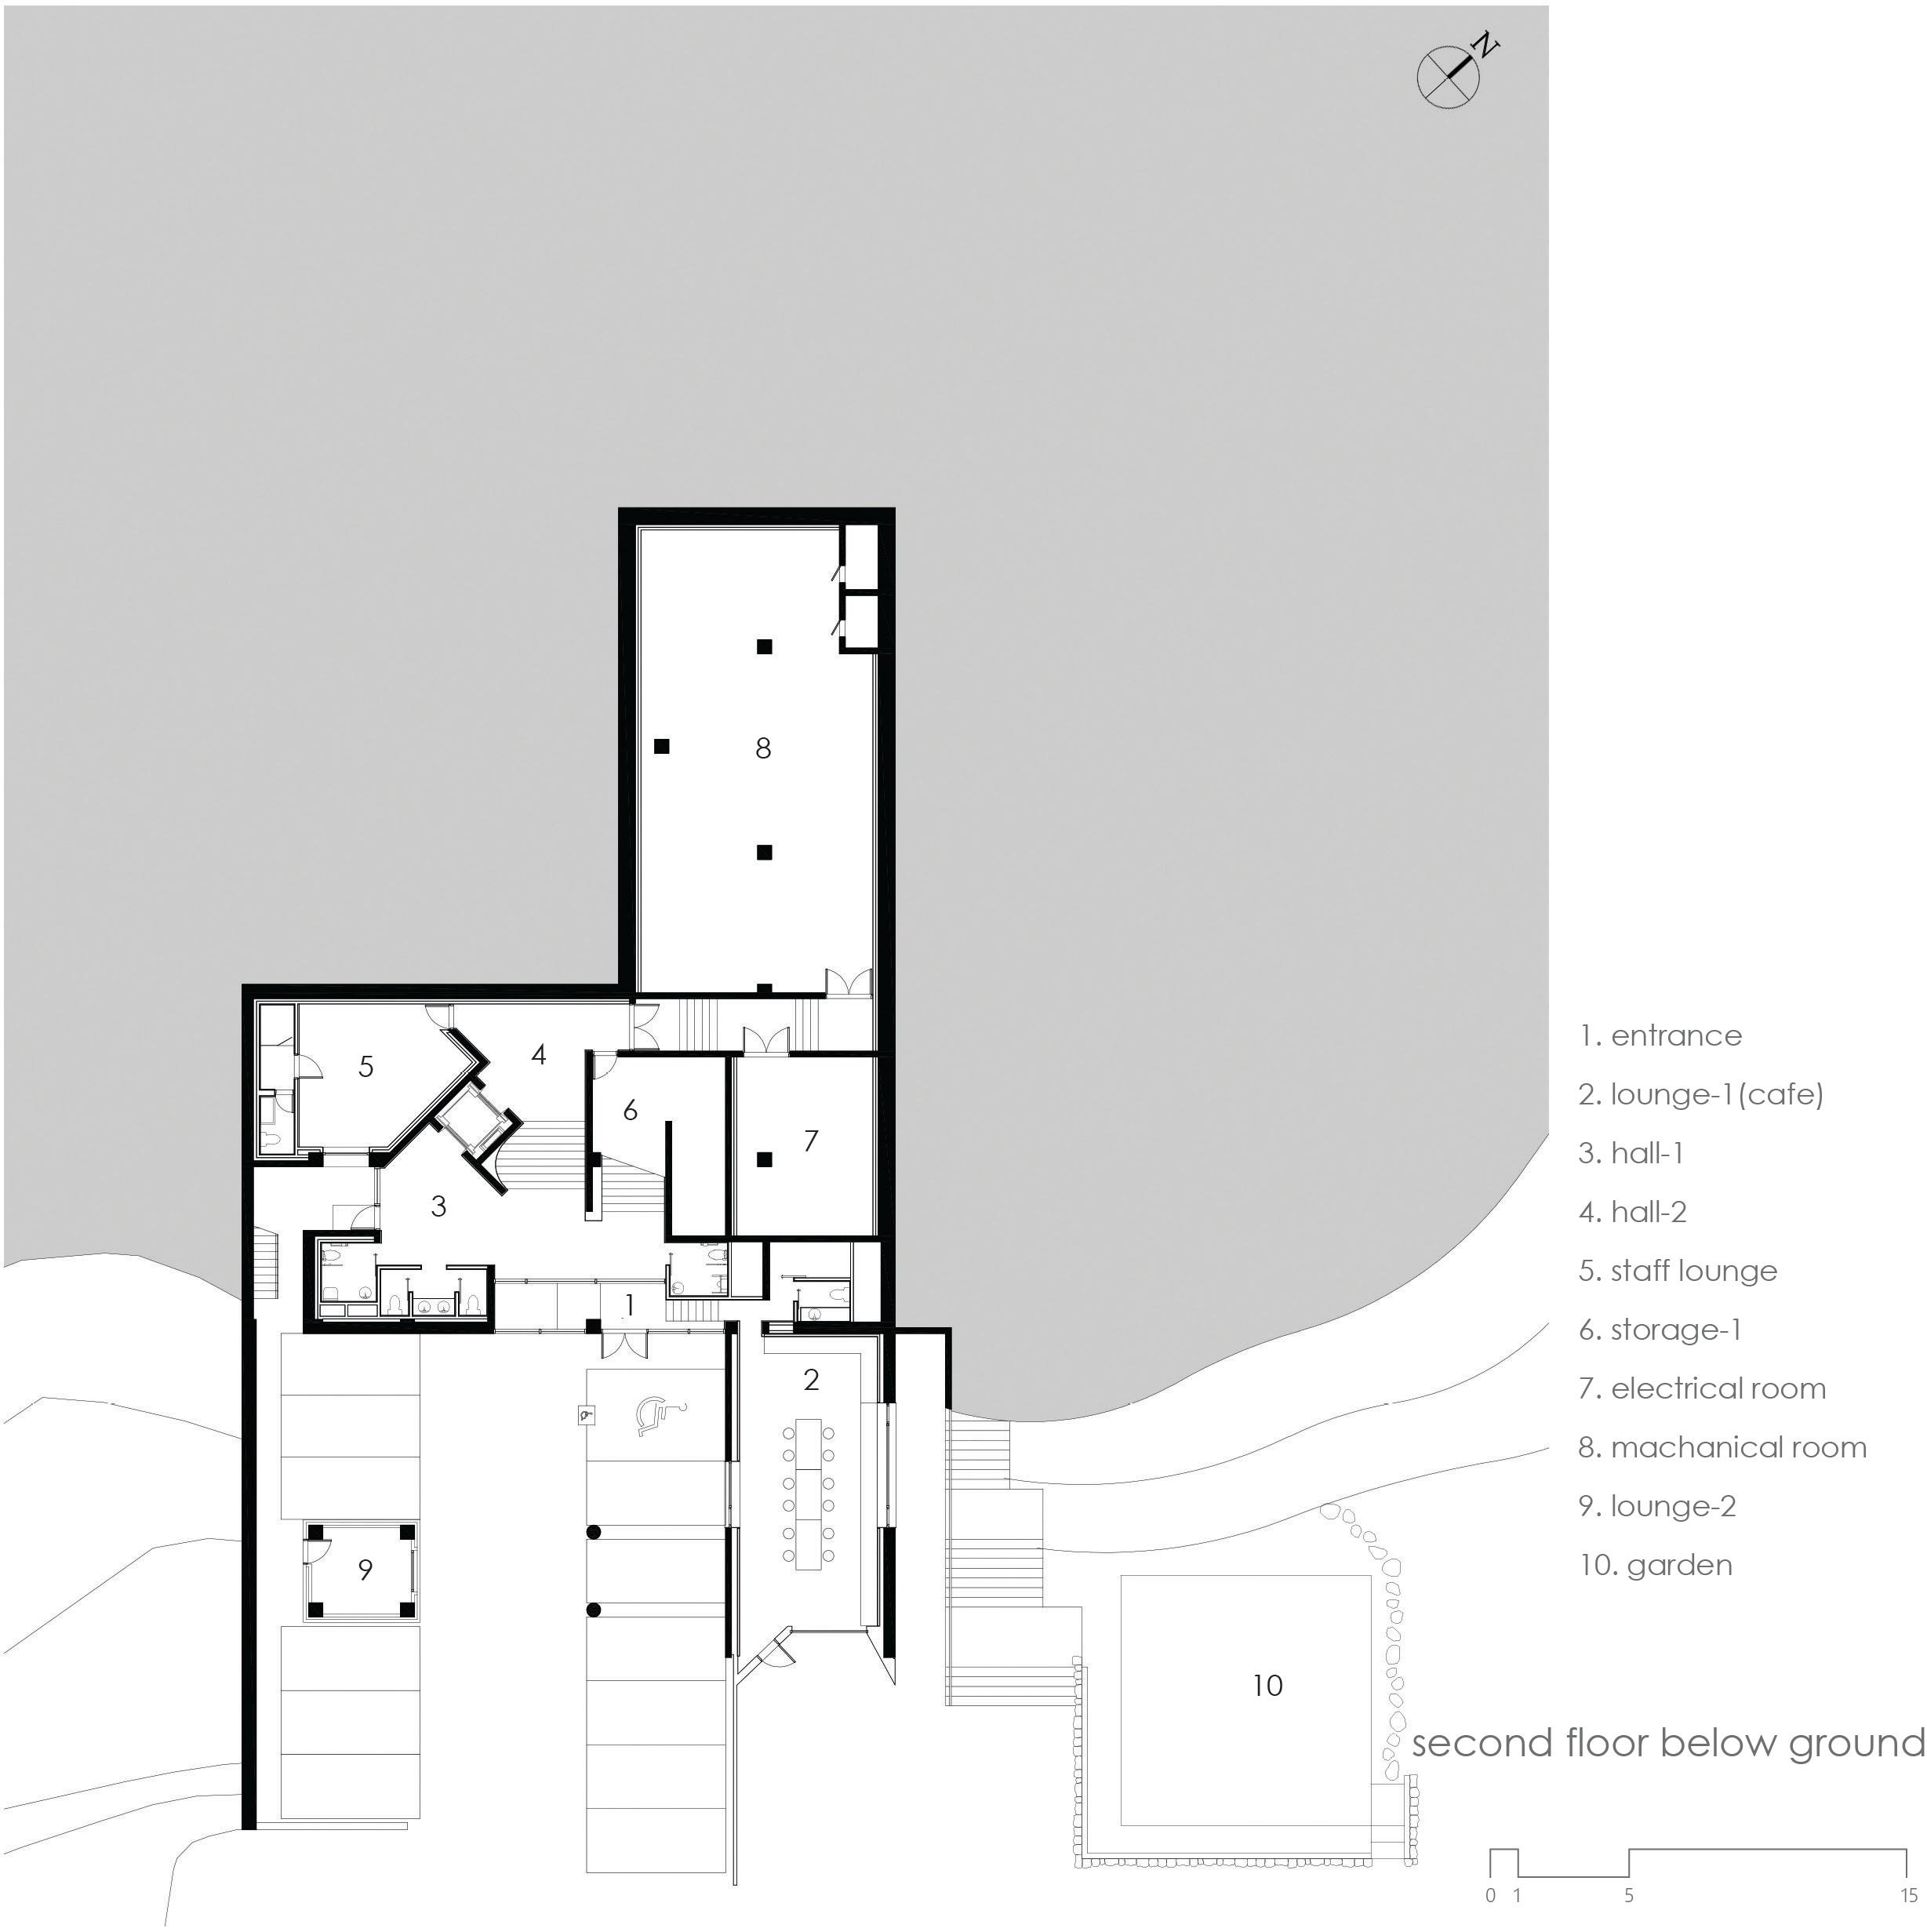 second floor below ground